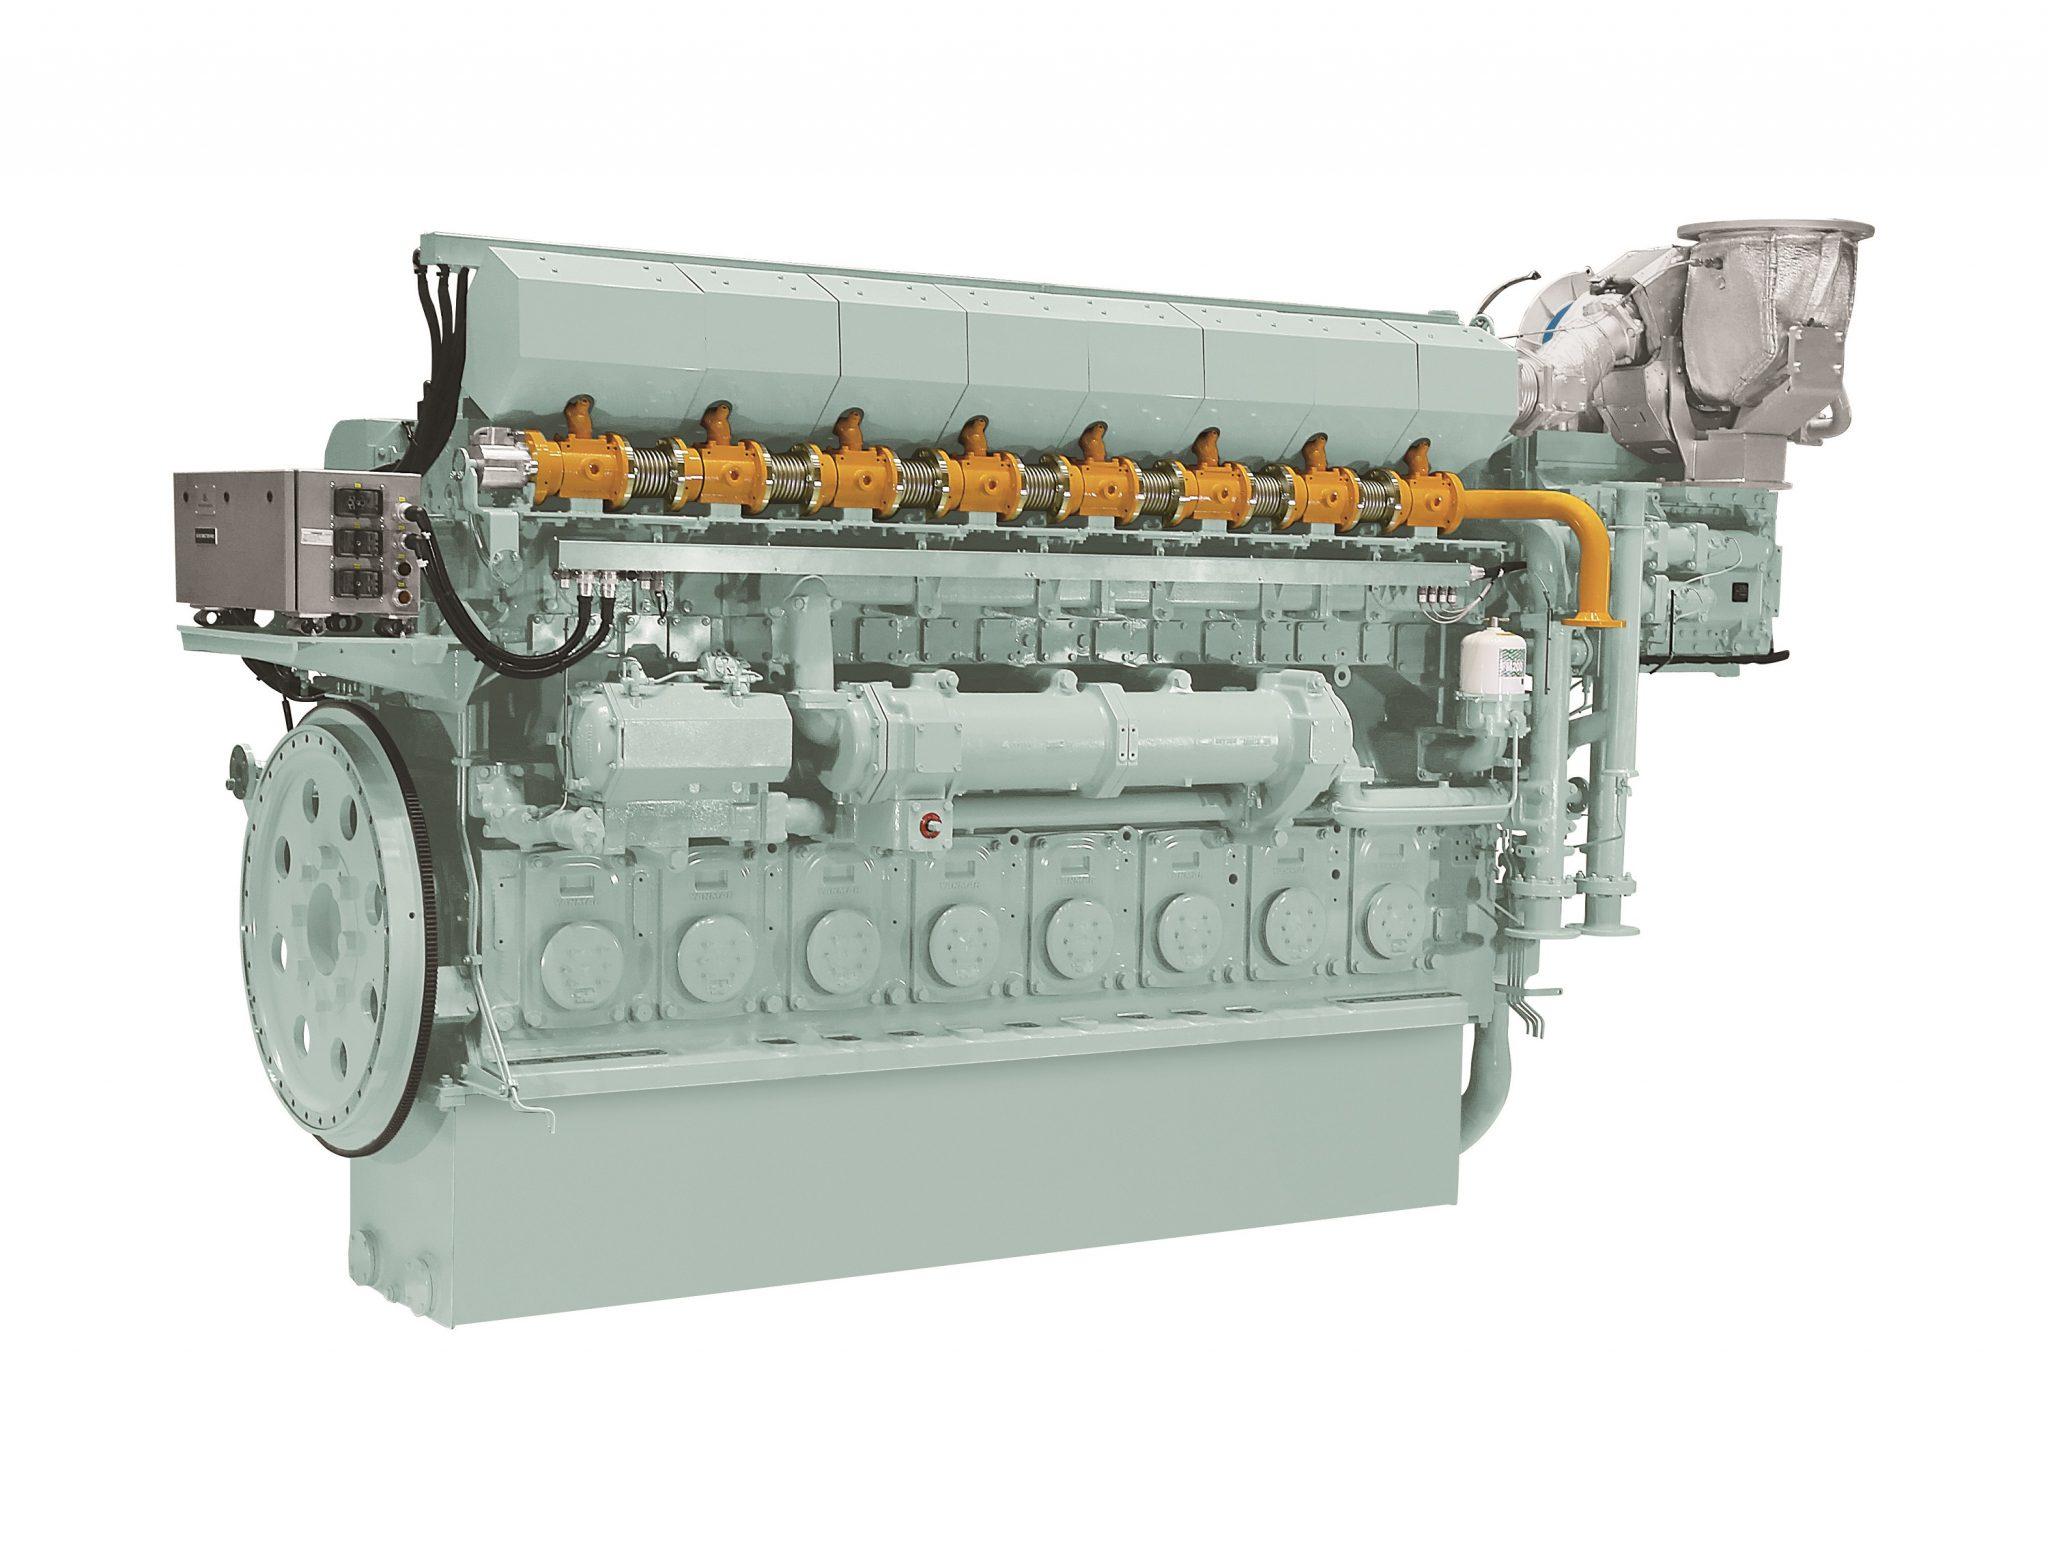 تامین موتورهای دوگانهسوز برای شناورهای ژاپنی توسط یانمار